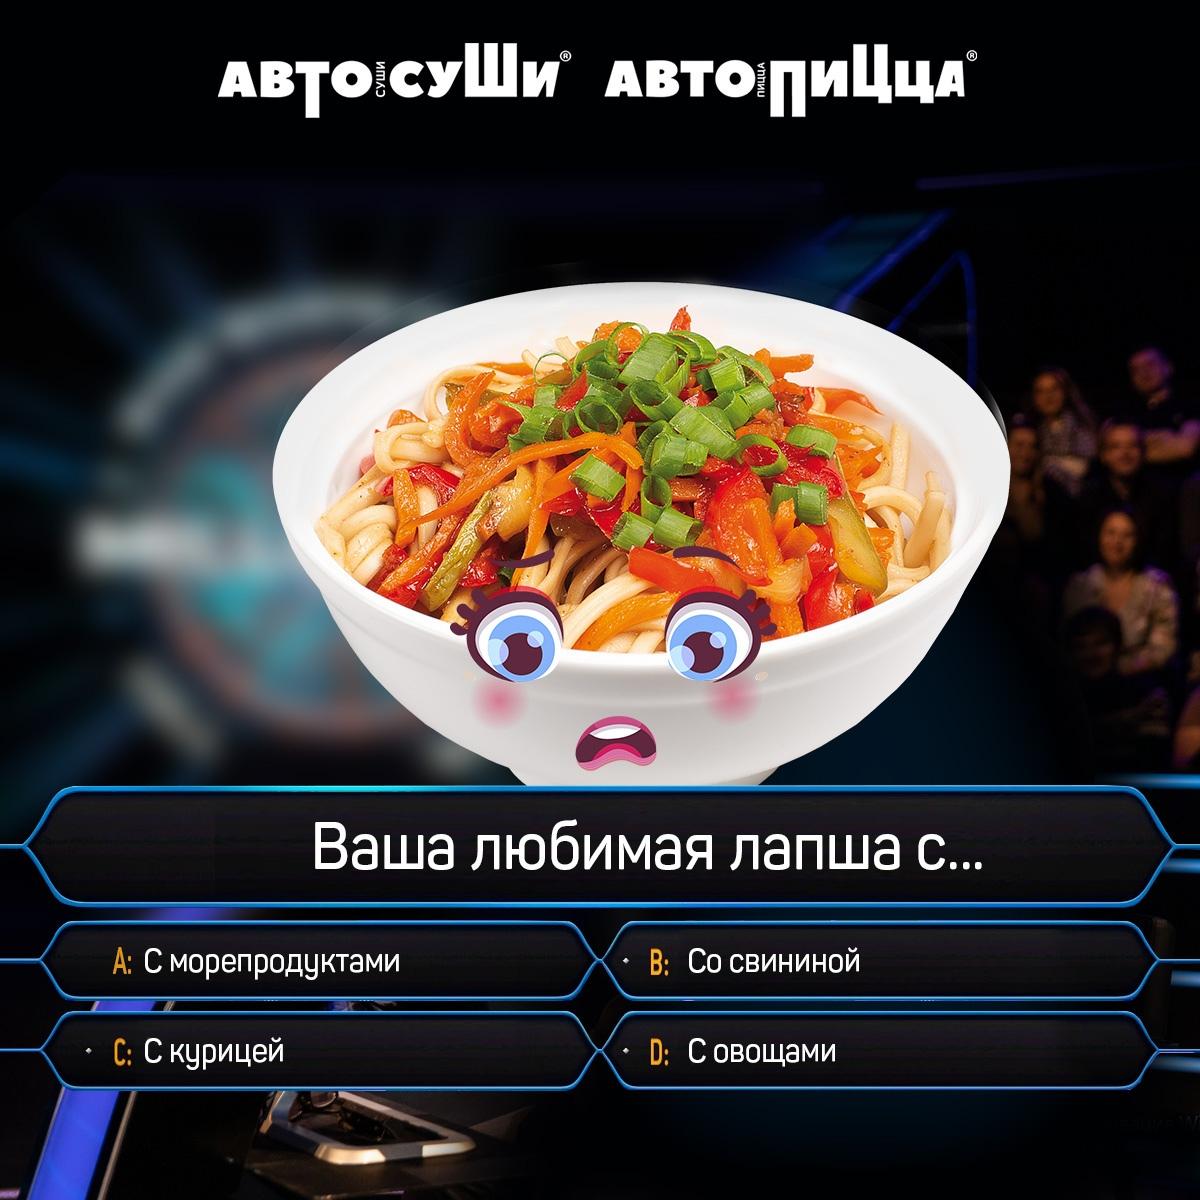 Суши-бар, кафе «Автосуши» - Вконтакте